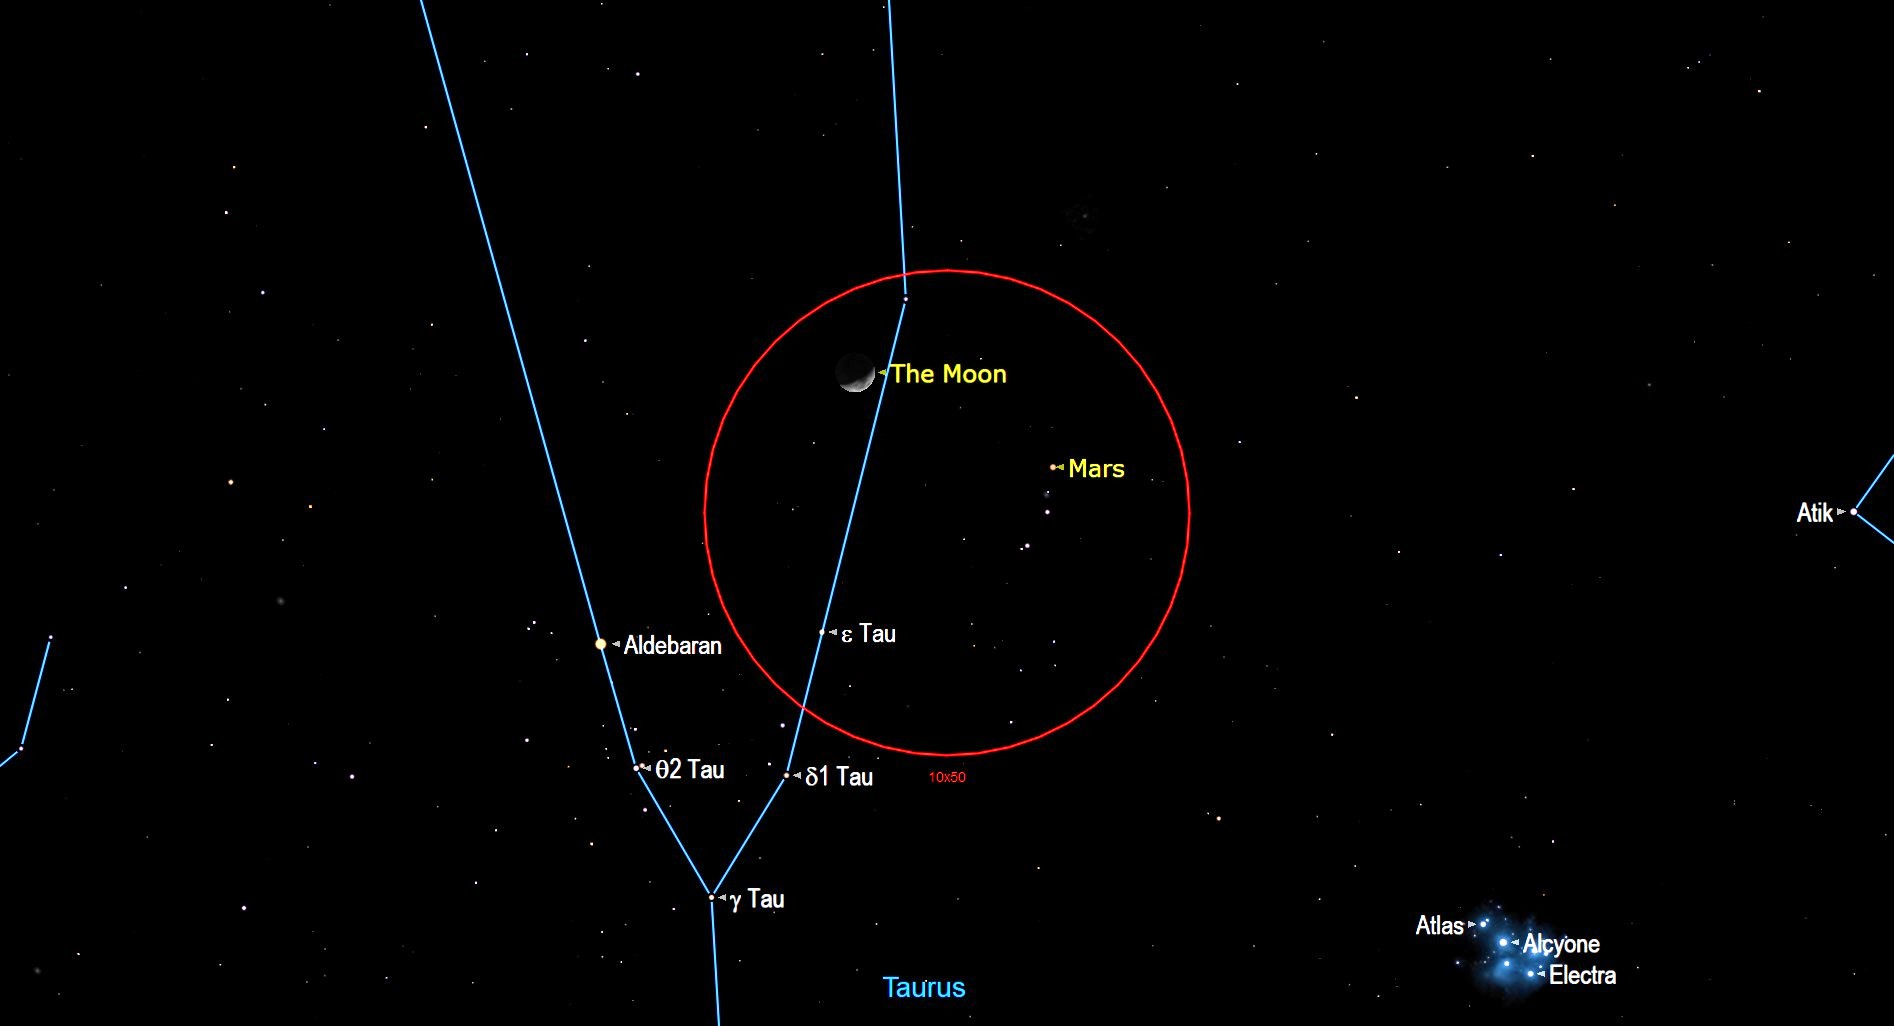 Dans le ciel sud-ouest après le crépuscule du vendredi 19 mars, recherchez le point rougeâtre et moyennement lumineux de Mars brillant de plusieurs largeurs de doigts en bas à droite (ou 3 degrés au nord-ouest céleste) du croissant de lune croissant.  Les deux objets apparaîtront ensemble dans le champ de vision de vos jumelles (cercle rouge).  Le duo se réunira dans l'ouest après environ 1 heure du matin, heure locale.